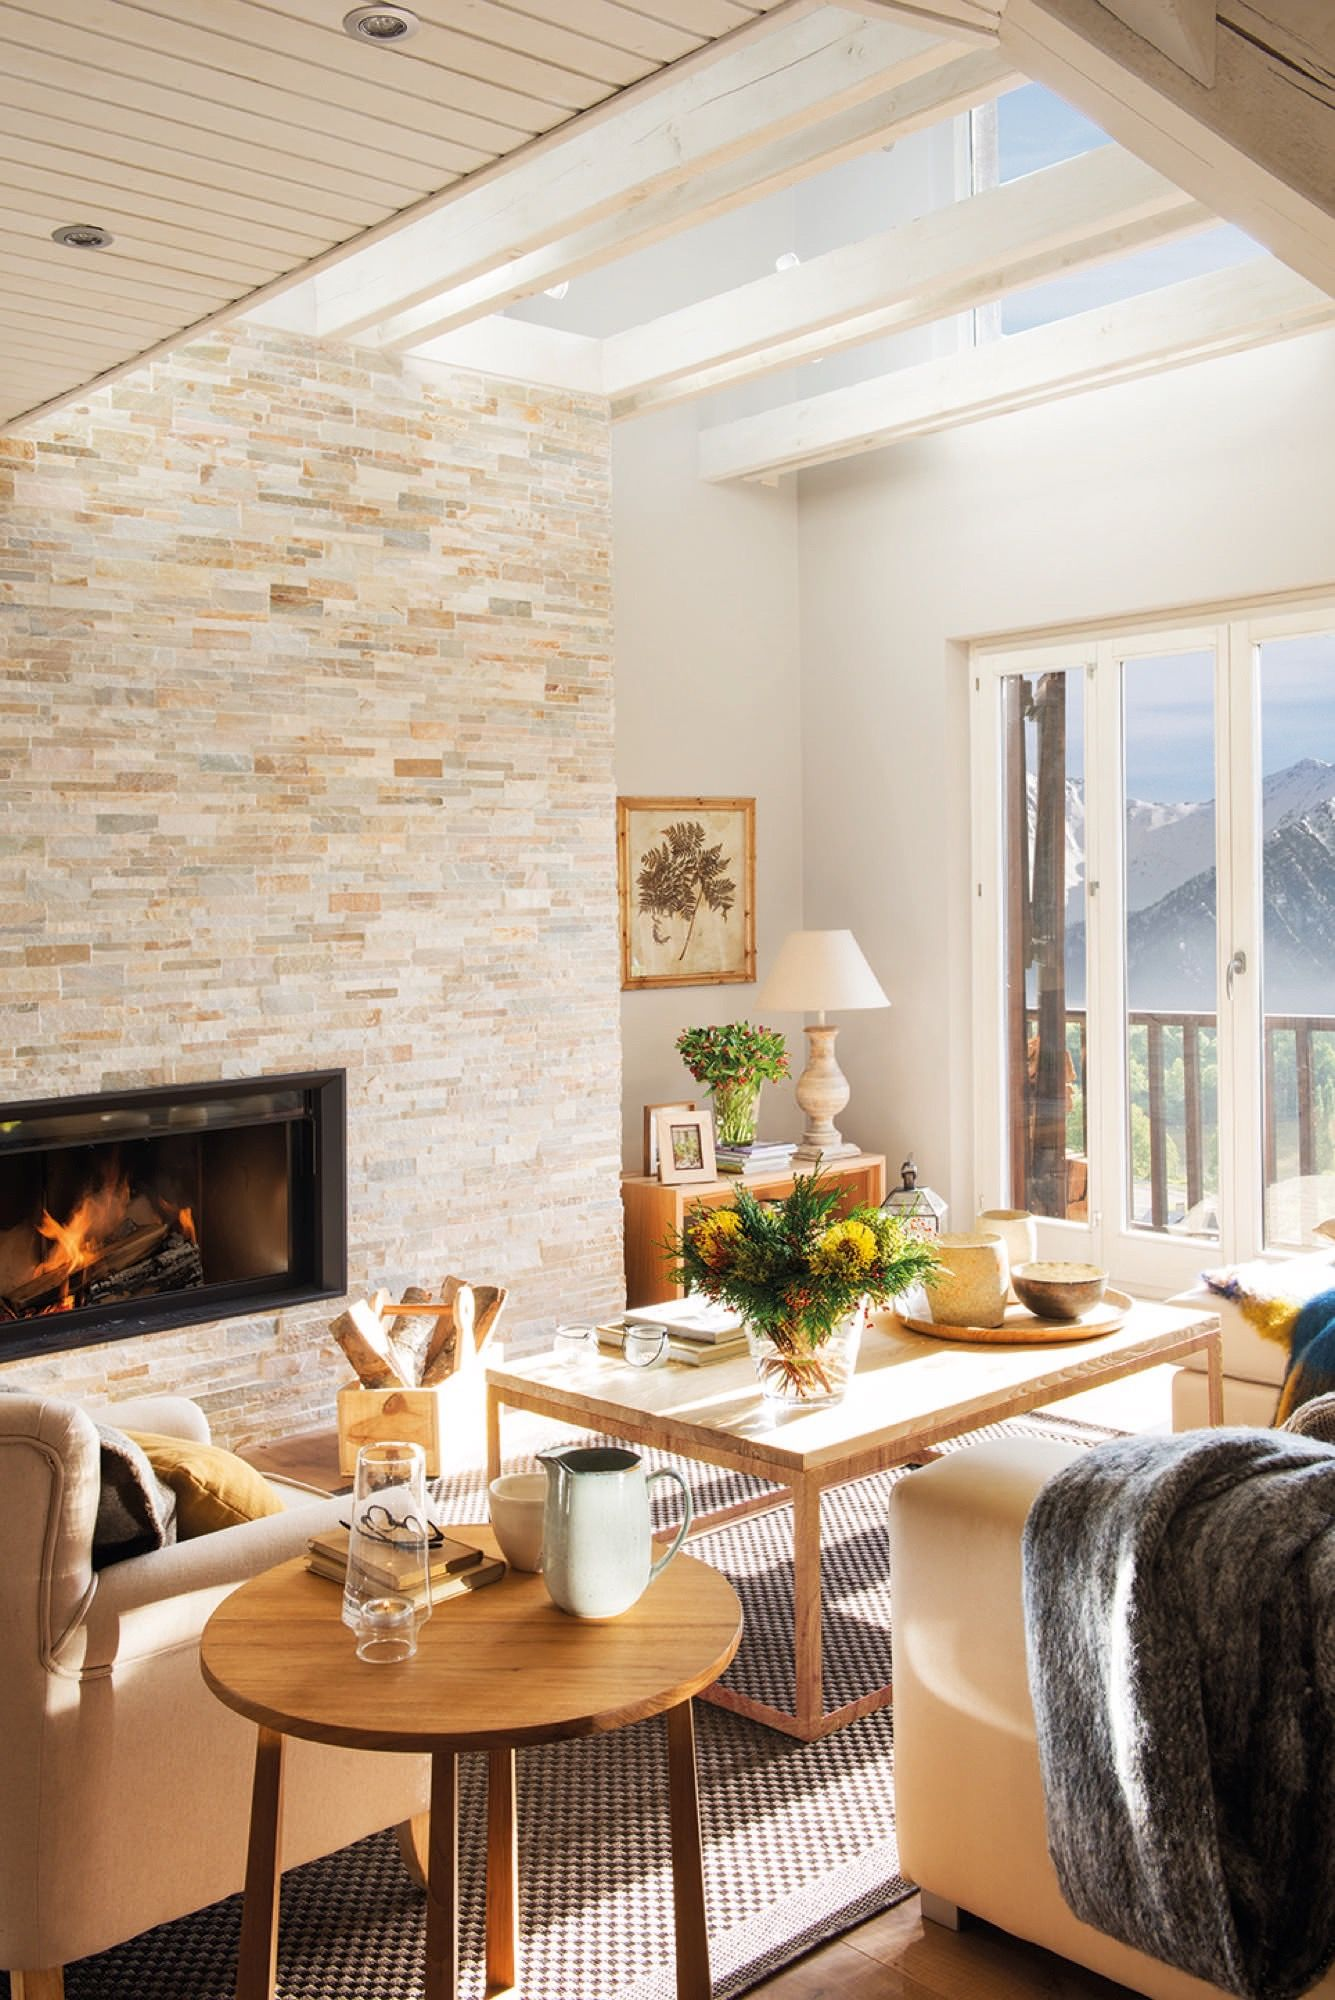 salon con chimenea en un piso de monta a casas de campo